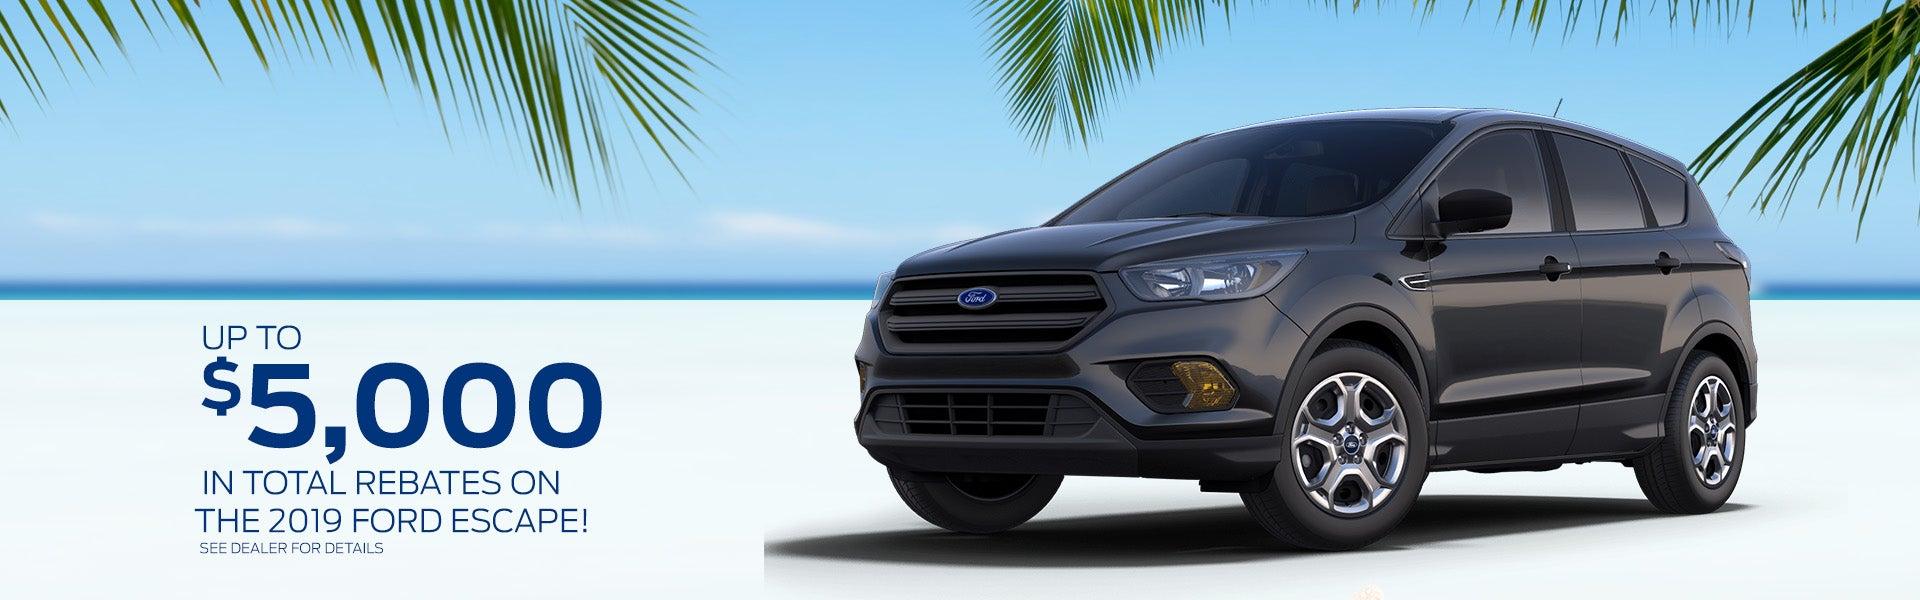 Ford Dealerships In Ga >> Newnan Ford Dealer In Newnan Ga Sharpsburg Senoia